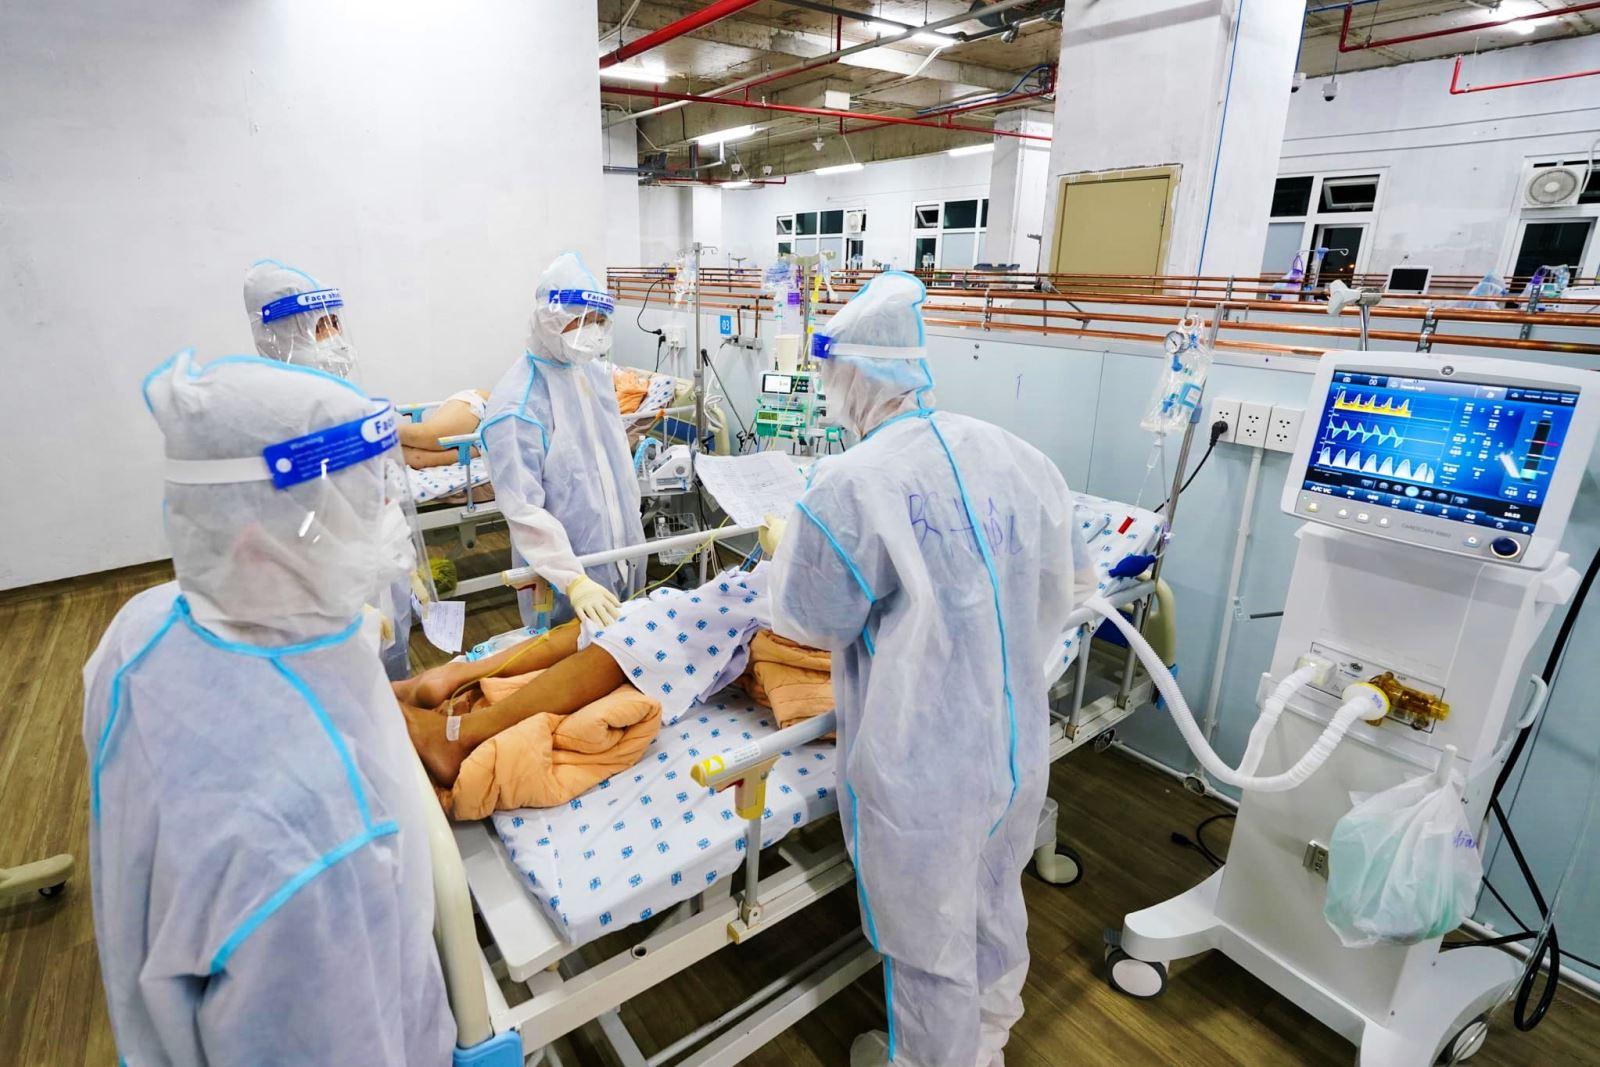 """Y tế tư nhân tham gia tuyến đầu chống dịch: (Bài cuối) Thành phố """"kêu"""" lên Thủ tướng, cố gắng giúp sức bệnh viện - Ảnh 3."""